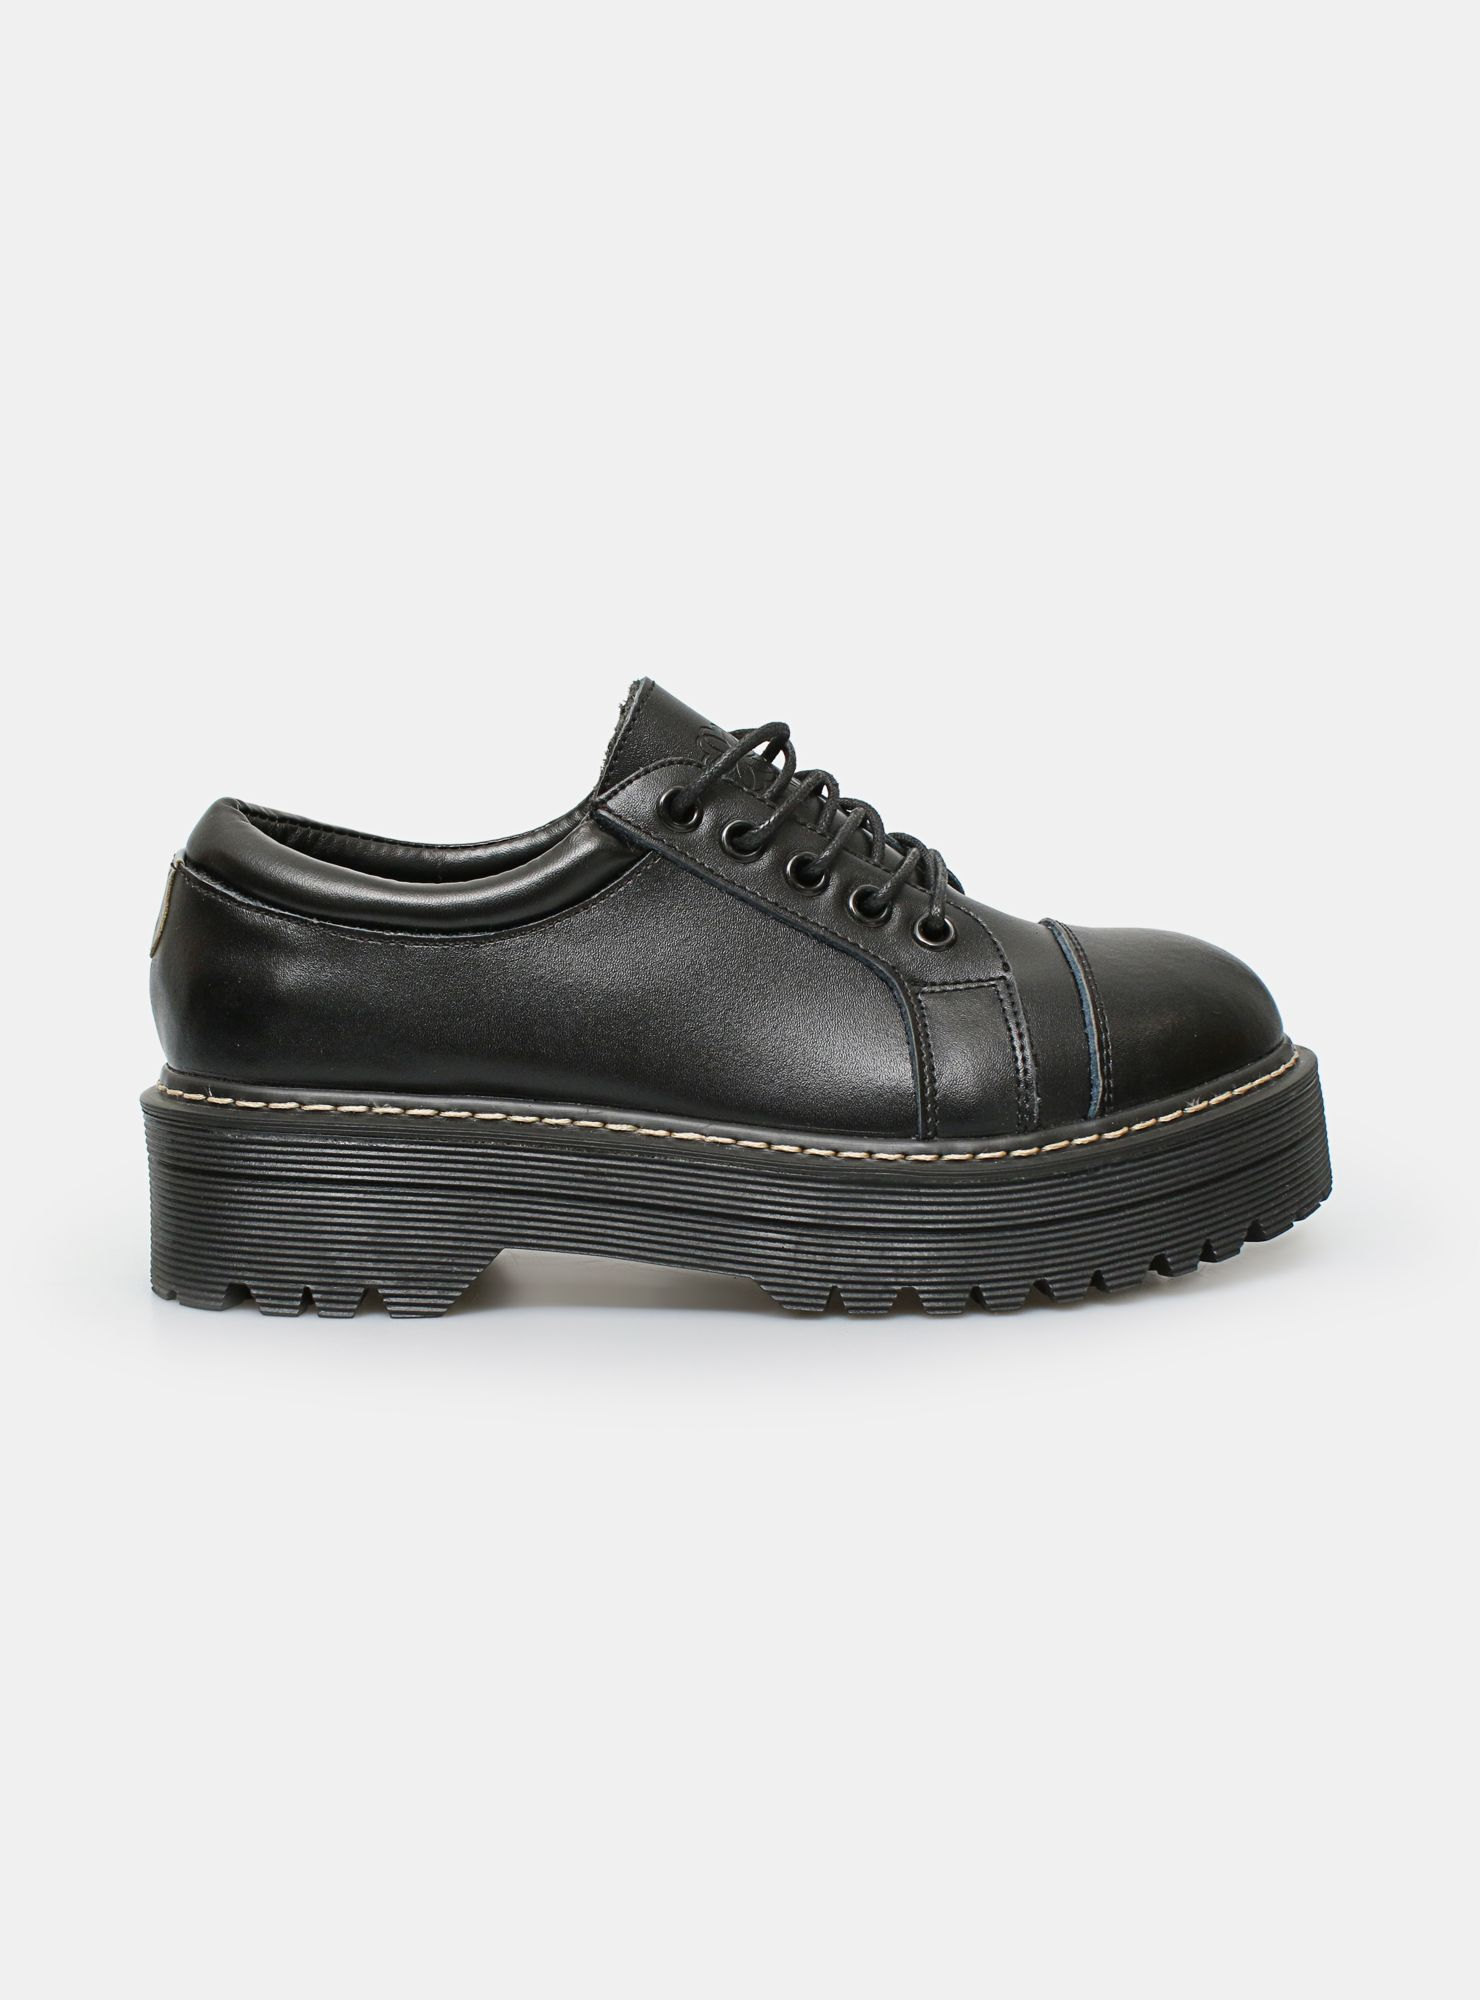 comprar popular 6bc80 503b2 Zapato Foster Escolar Niña en Zapatos Escolares | Paris